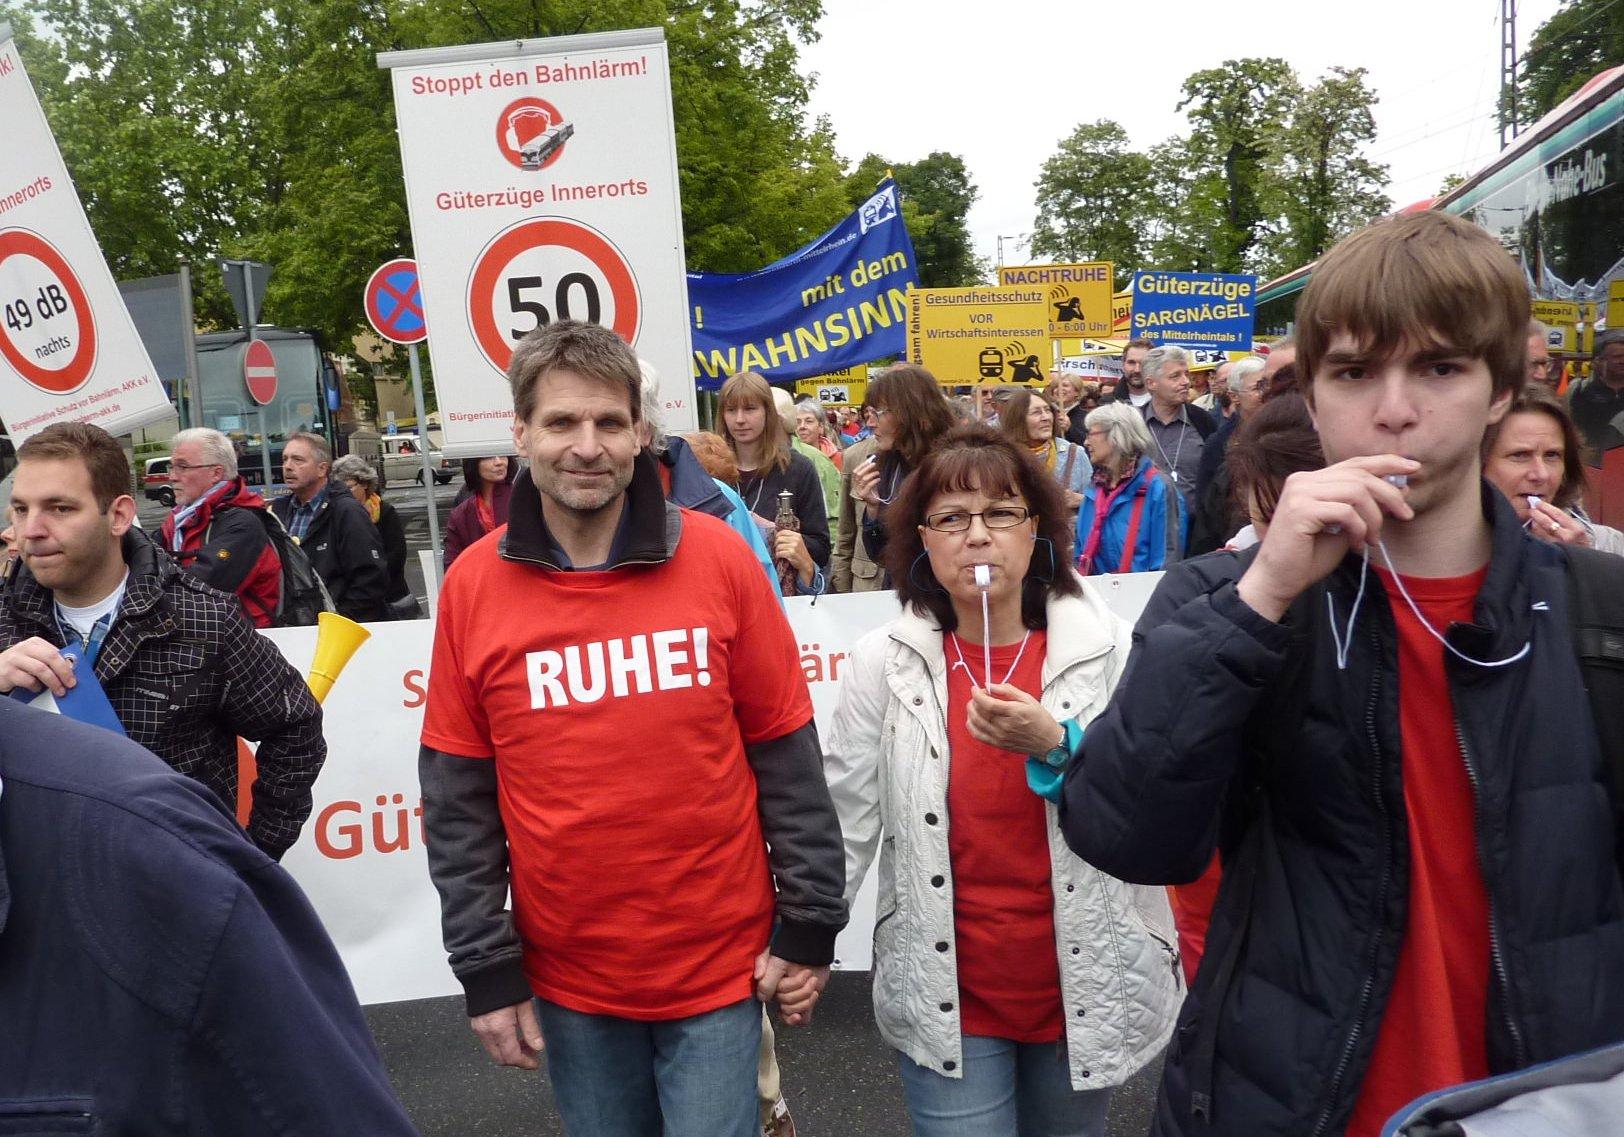 Demonstrierende mit Transparenten gegen Bahnlärm u. für Nachtfahrverbote für Güterzüge